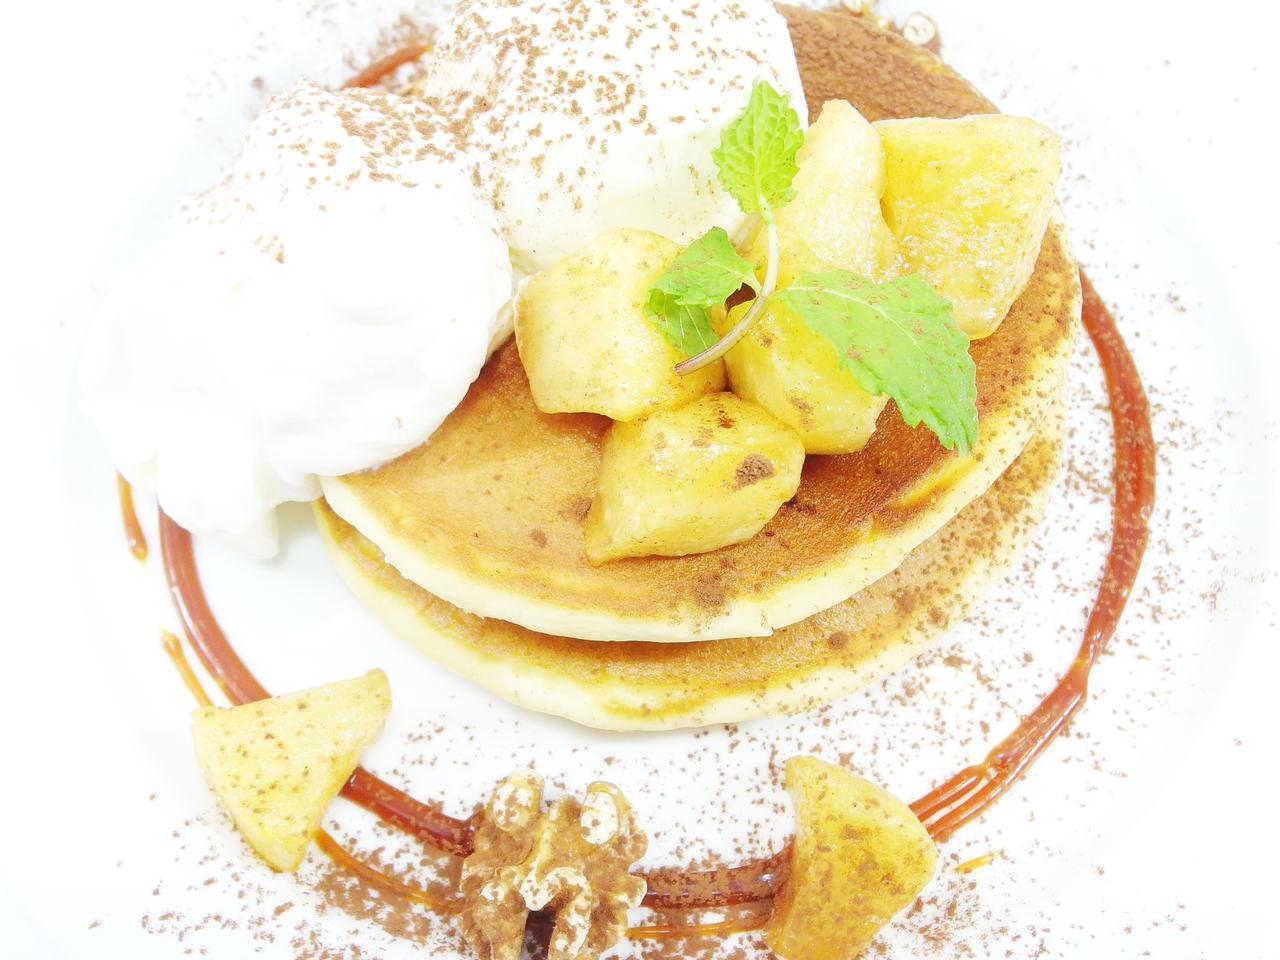 画像: ○キャラメルりんごパンケーキ ¥980 ほんのり香るシナモンとキャラメルりんごの相性が抜群のおいしさ!濃厚なバニラアイスと柔らかな生クリームをたっぷりつけてお召し上がりください。この秋のおすすめ季節限定品です!